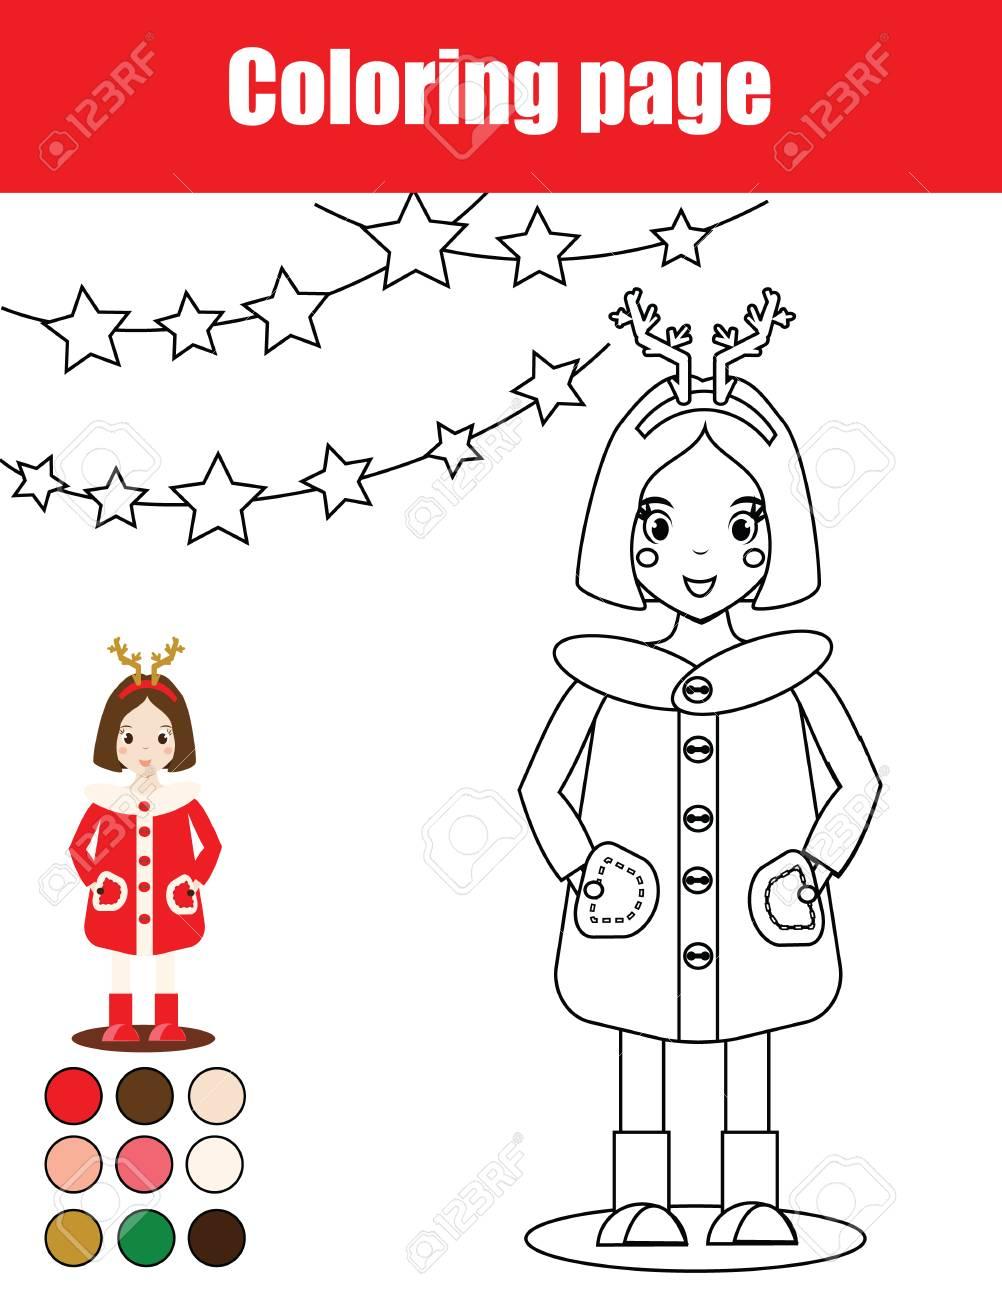 Malvorlage Mit Kind Mädchen. Kinder Lernspiel, Zeichnung Aktivität ...